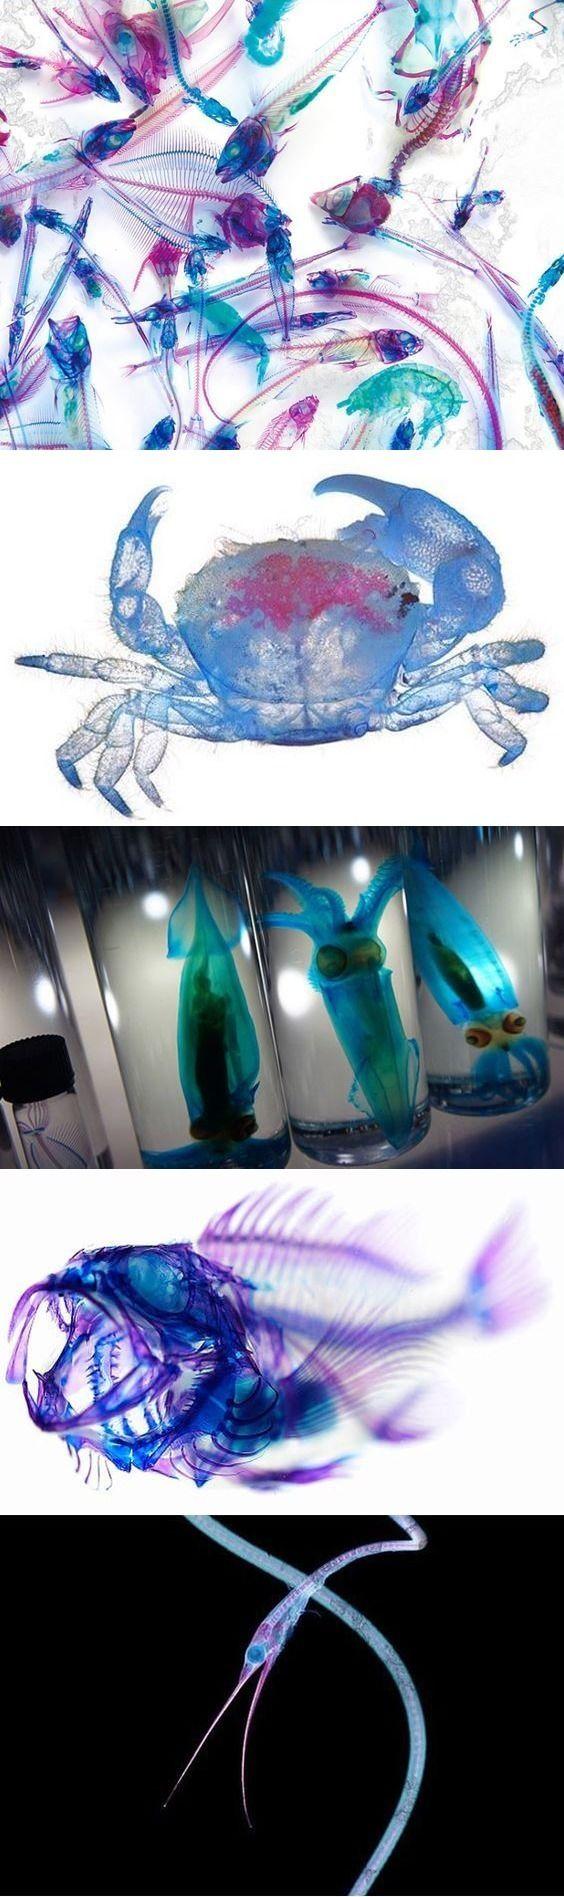 Коллекция препарированных морских животных от японского художника Йори Томита. Метод изготовления прозрачных образцов животных для изучения построения их скелетов используется в науке. Сначала с помощью специальных ферментов разрушают белок (обесцвечивают ткани), потом в кости вводят красный краситель (фуксин или красную анилиновую краску), а в хрящи – синий. Йори говорит: «Я создаю не препарированные образцы, а художественные произведения, которые помогают людям приблизиться к чудесам…